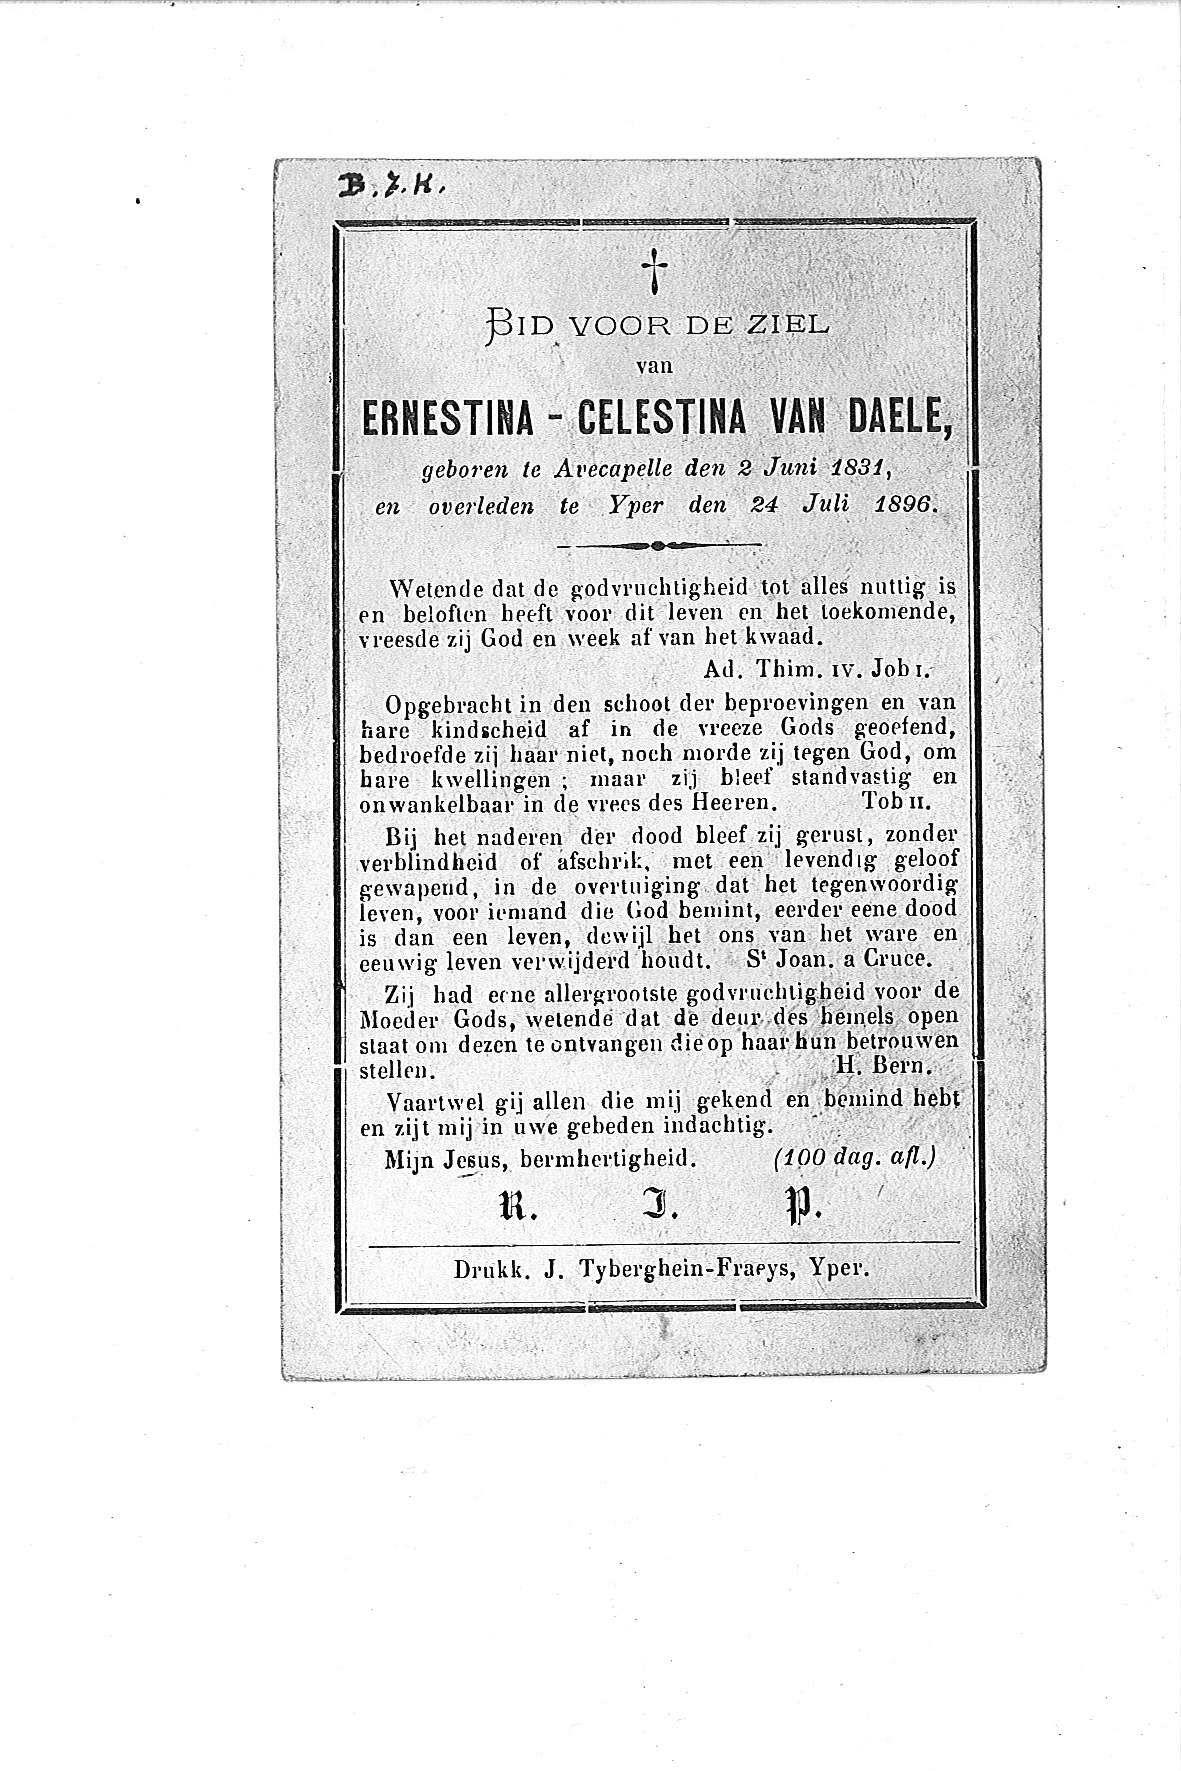 Ernestina-Celestina(1896)20091211101053_00010.jpg